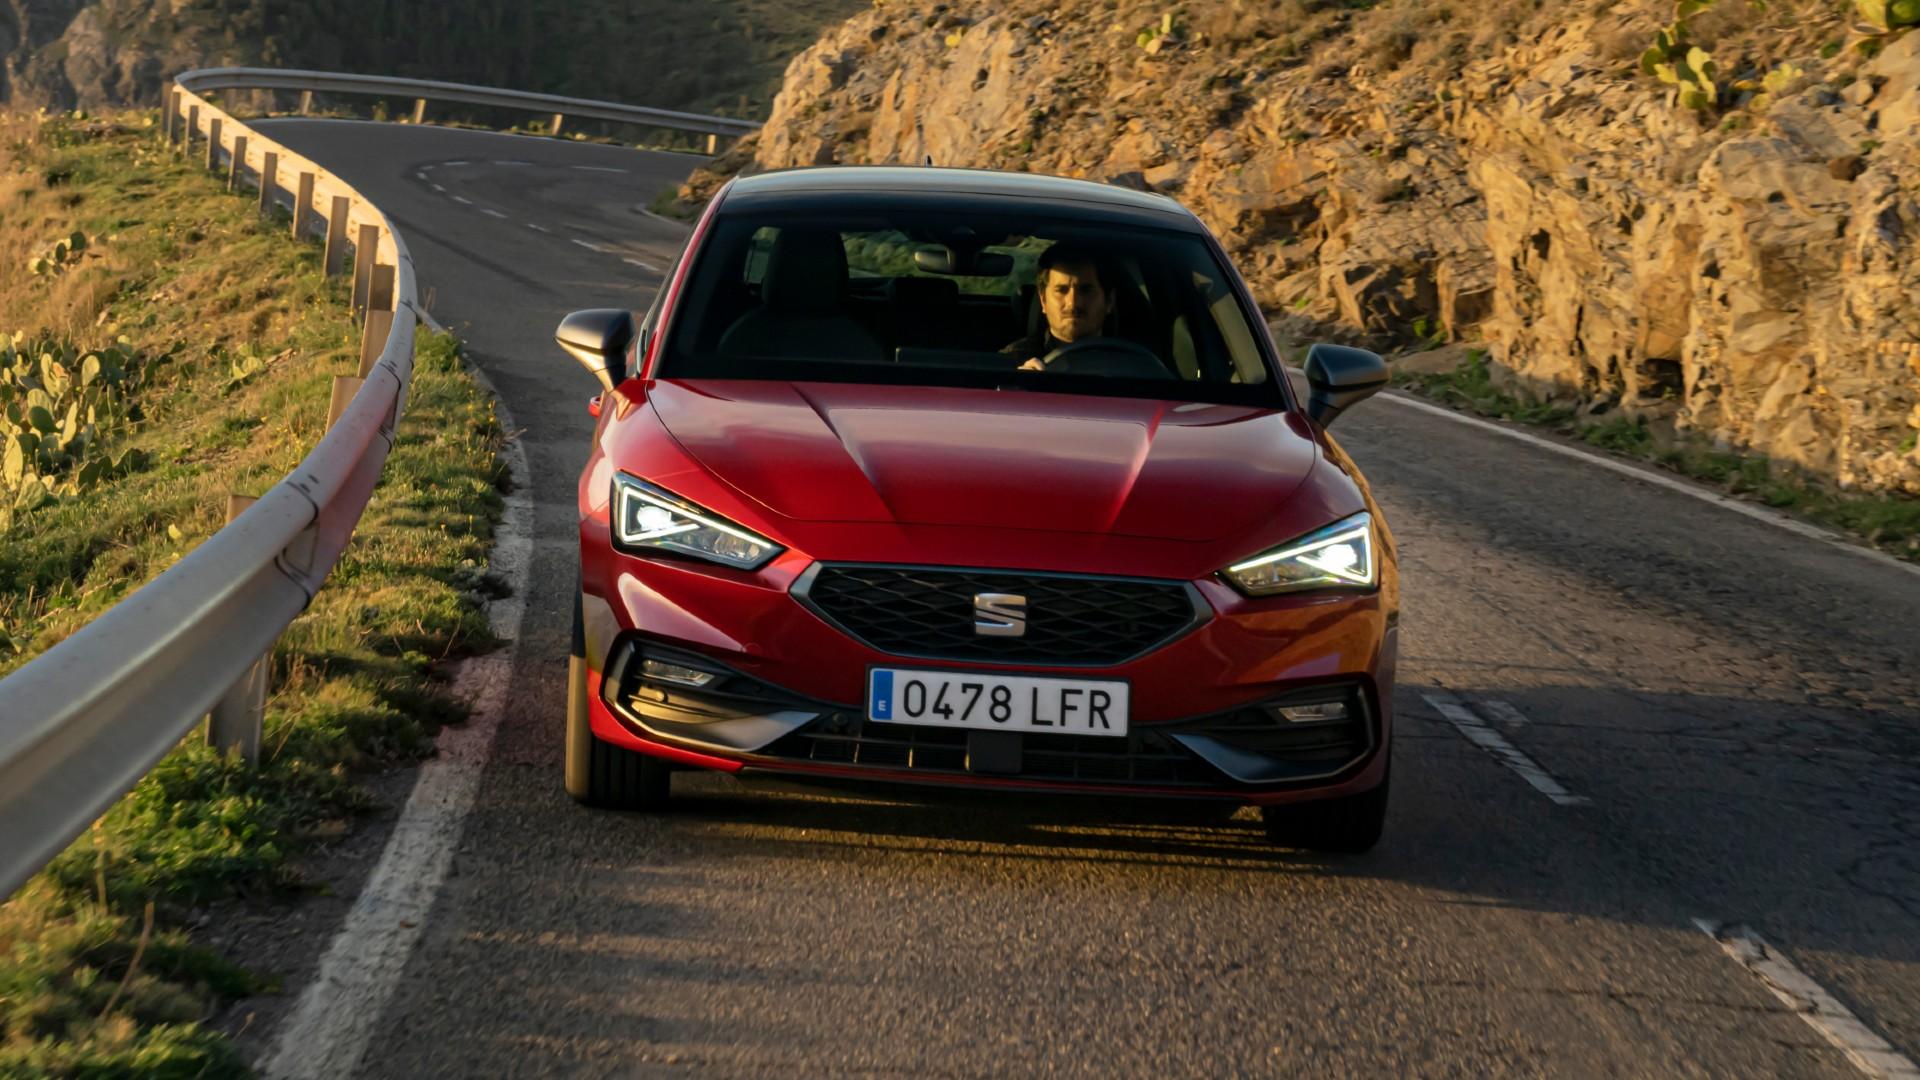 Διαθέσιμο και στην ελληνική αγορά το νέο SEAT Leon FR των 190 ίππων (pics)